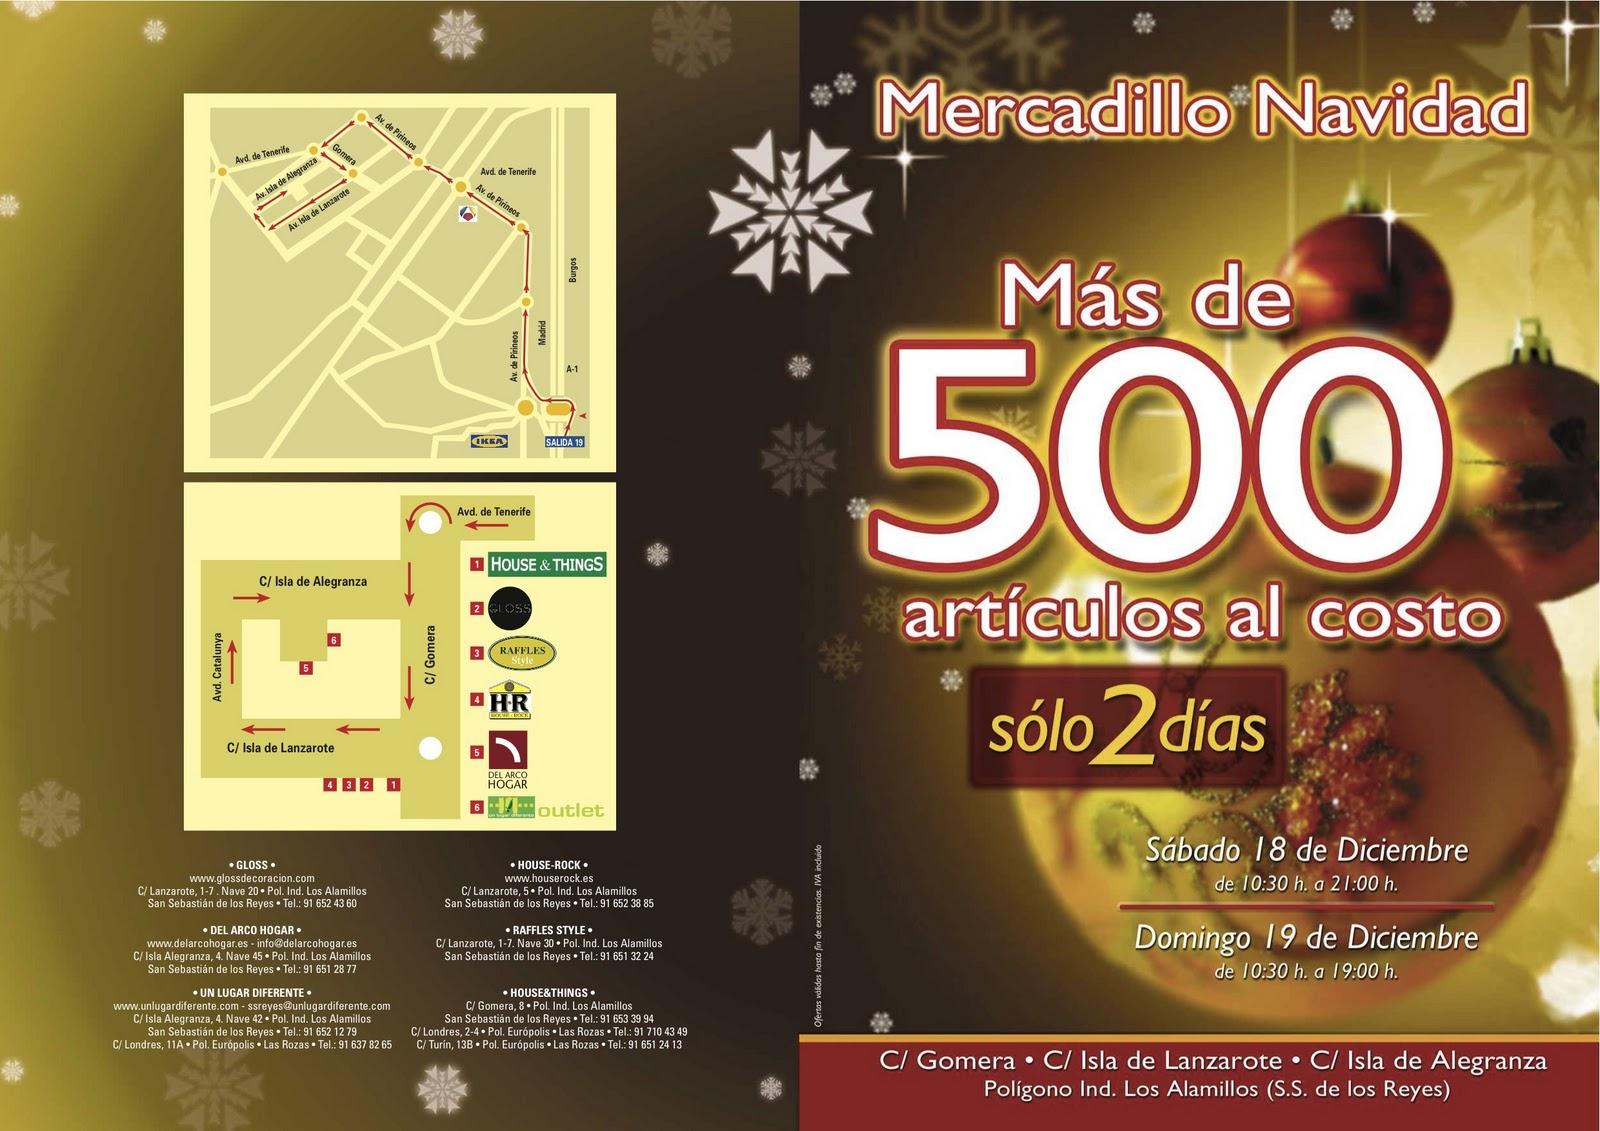 Mercadillos and markets mercadillo muebles y decoraci n for Mercadillo muebles madrid